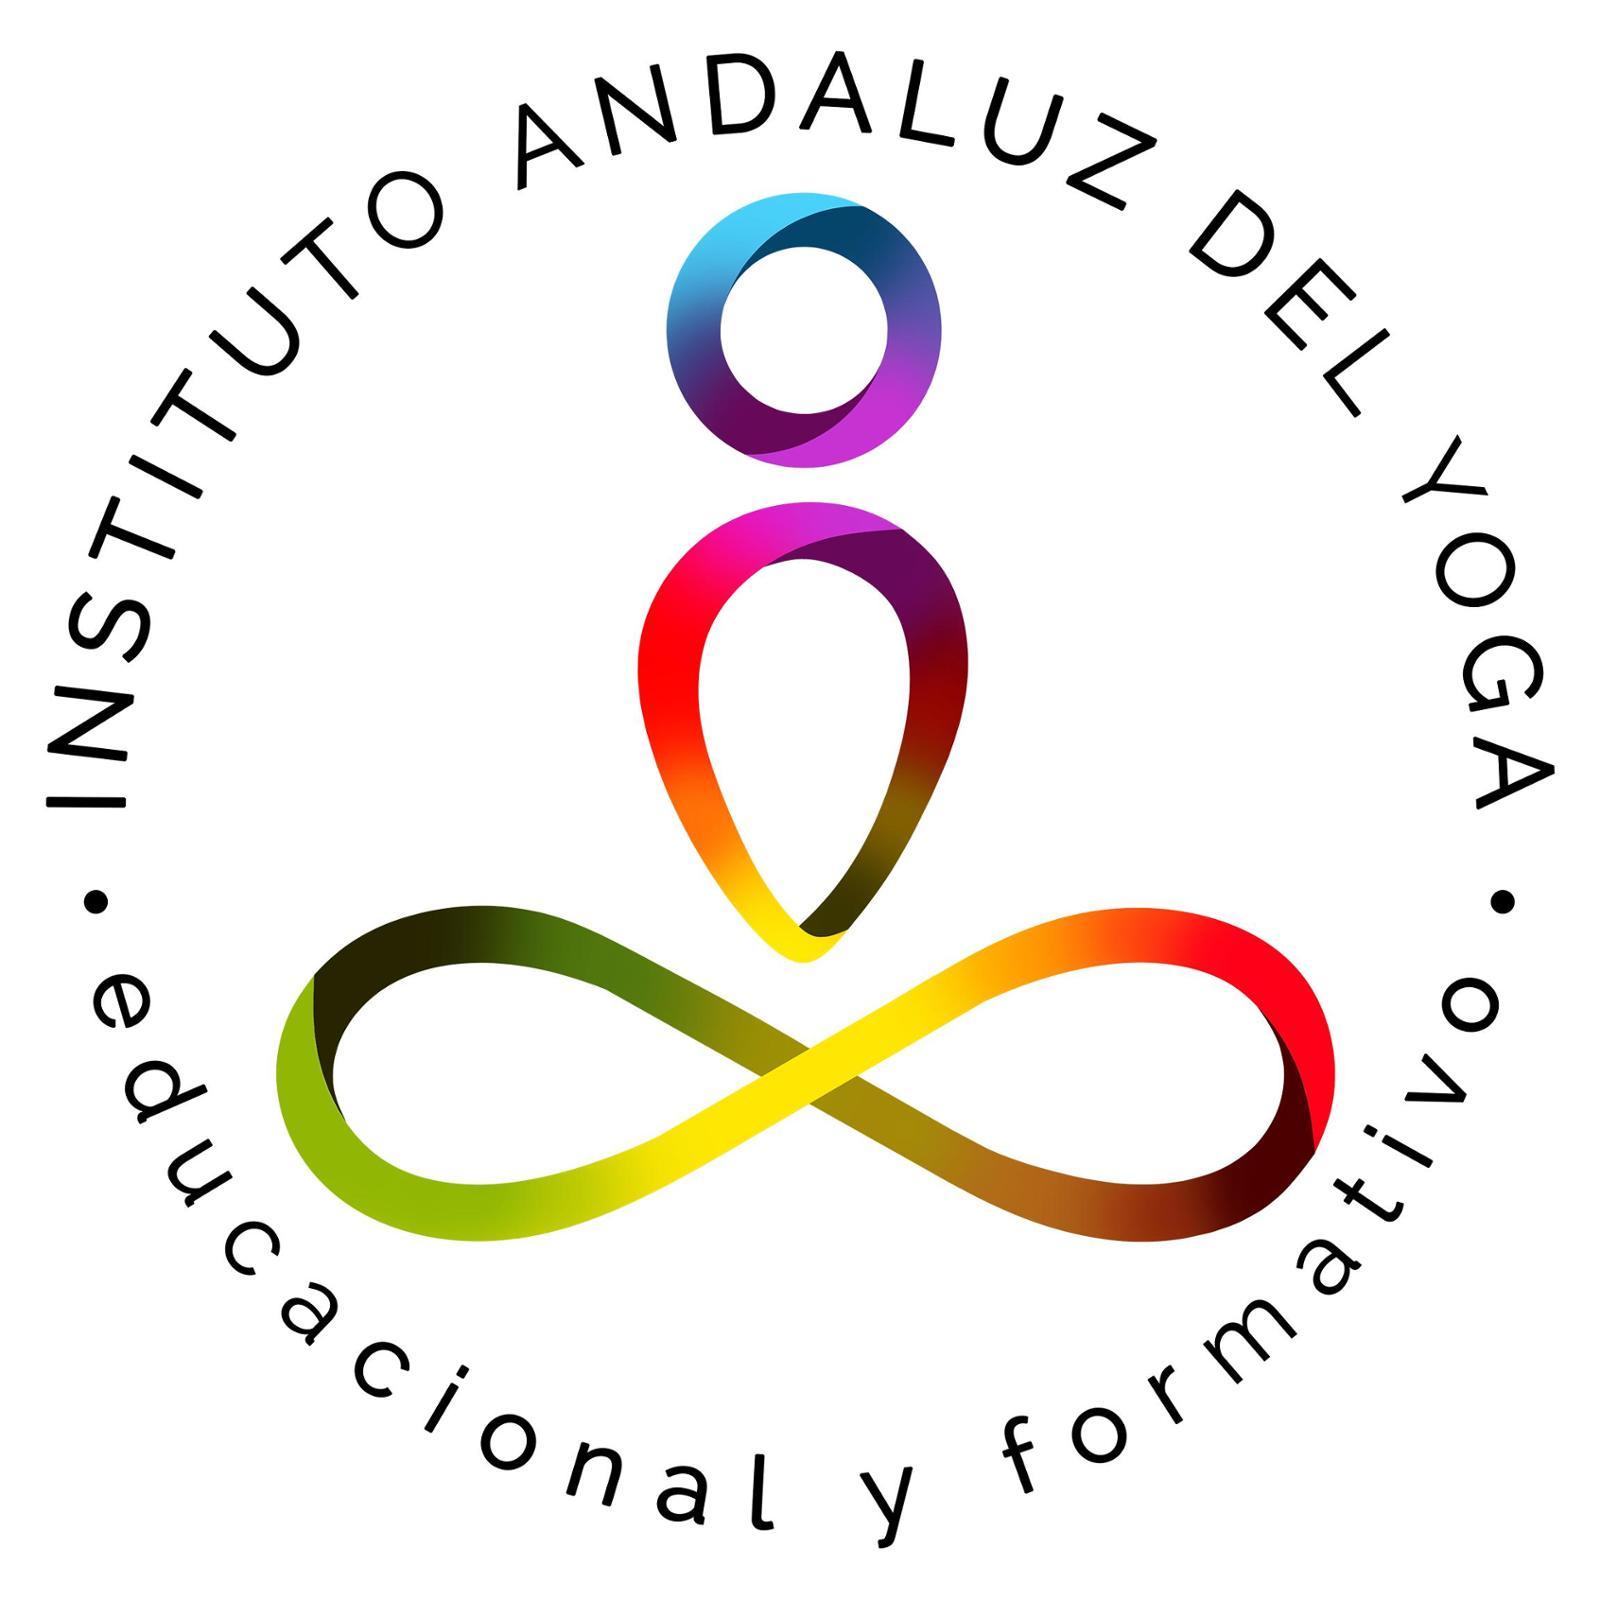 Instituto Andaluz del Yoga (IAYoga)